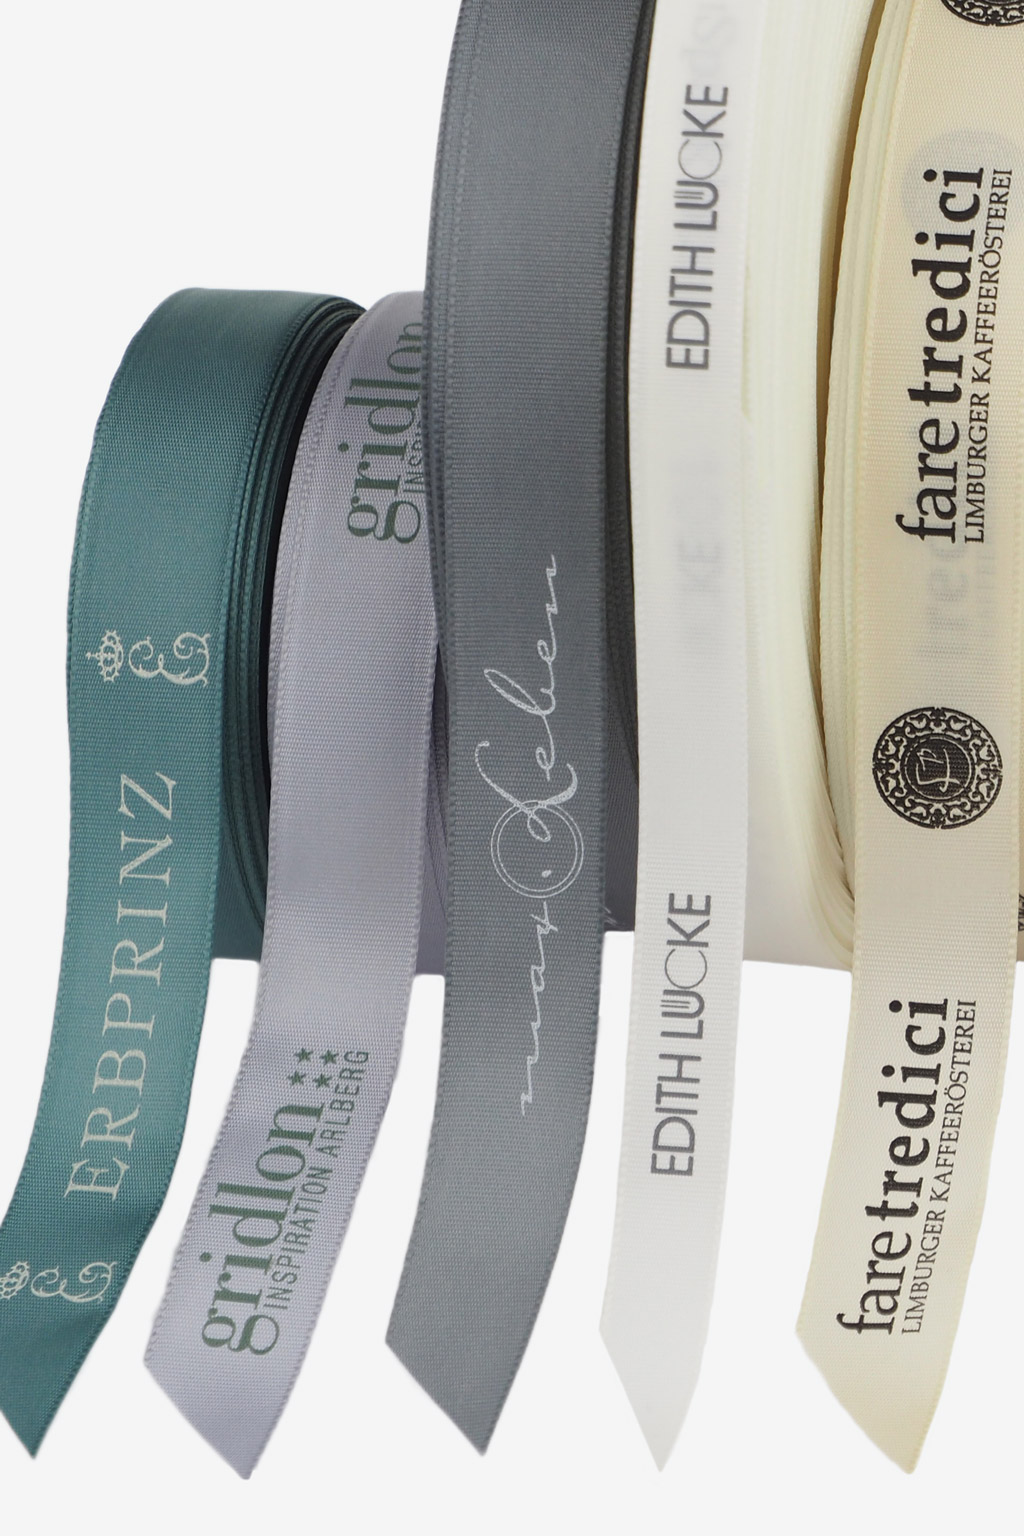 logogeschenkband-firmenband-geschenkband-mit-logo-bedruckt